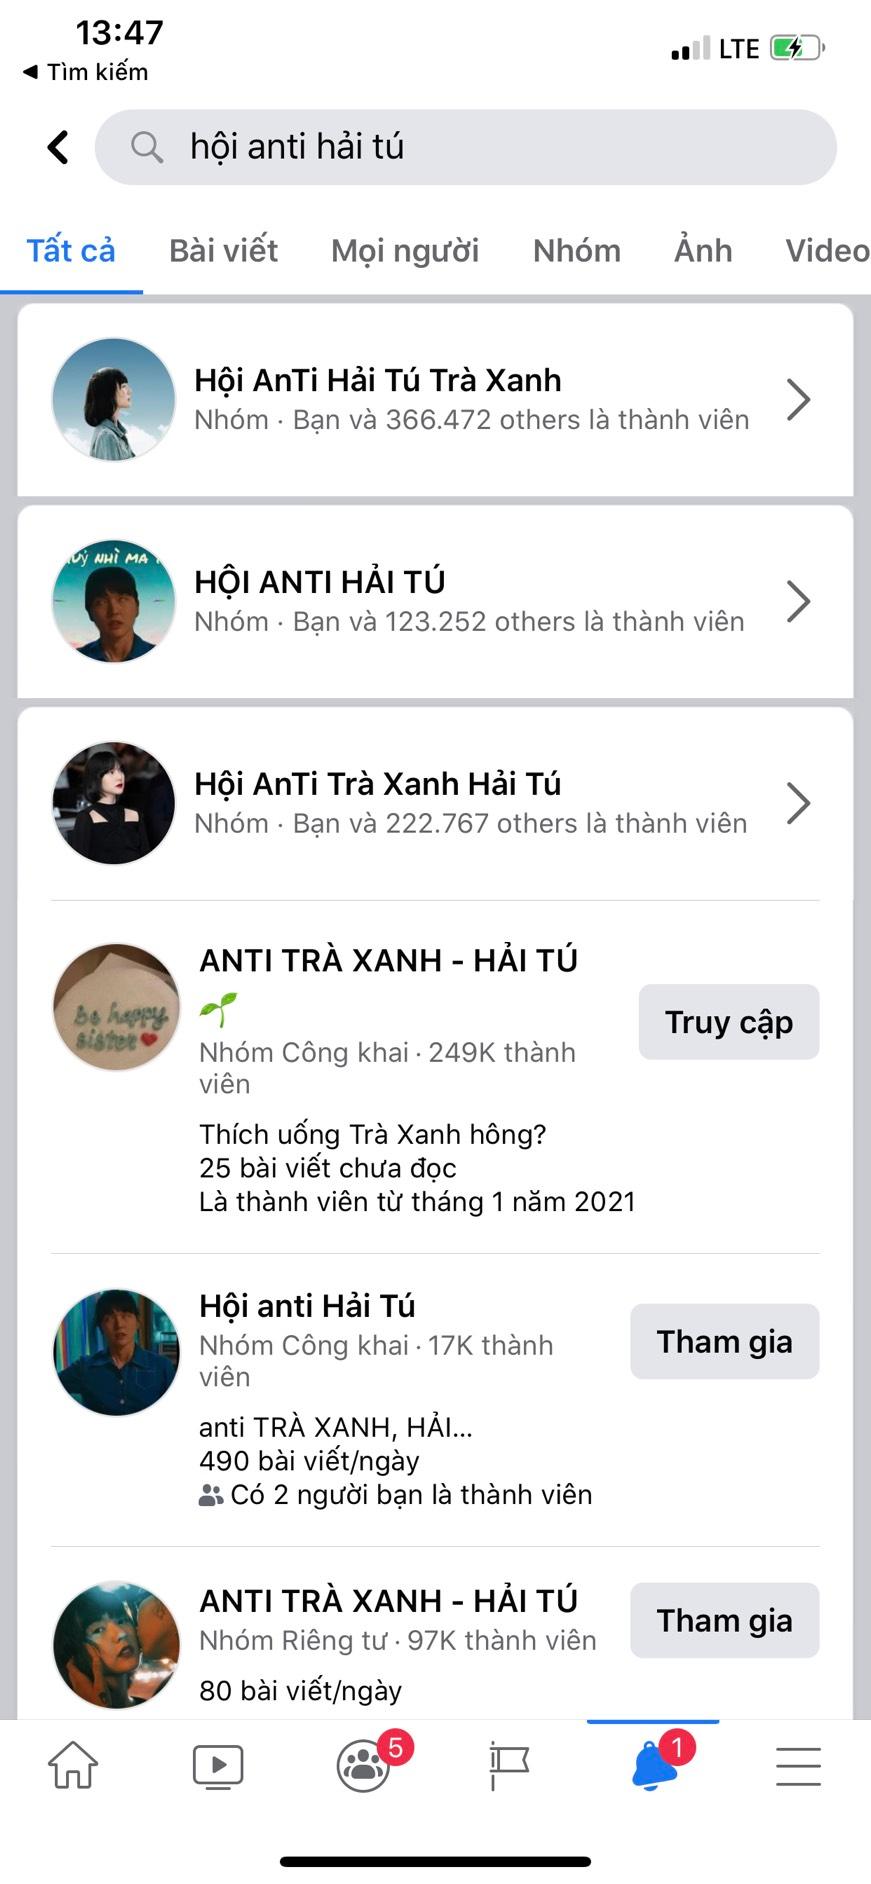 Group anti-fan Hải Tú 400K thành viên bay màu, loạt nhóm phụ mọc lên như nấm sau mưa-4